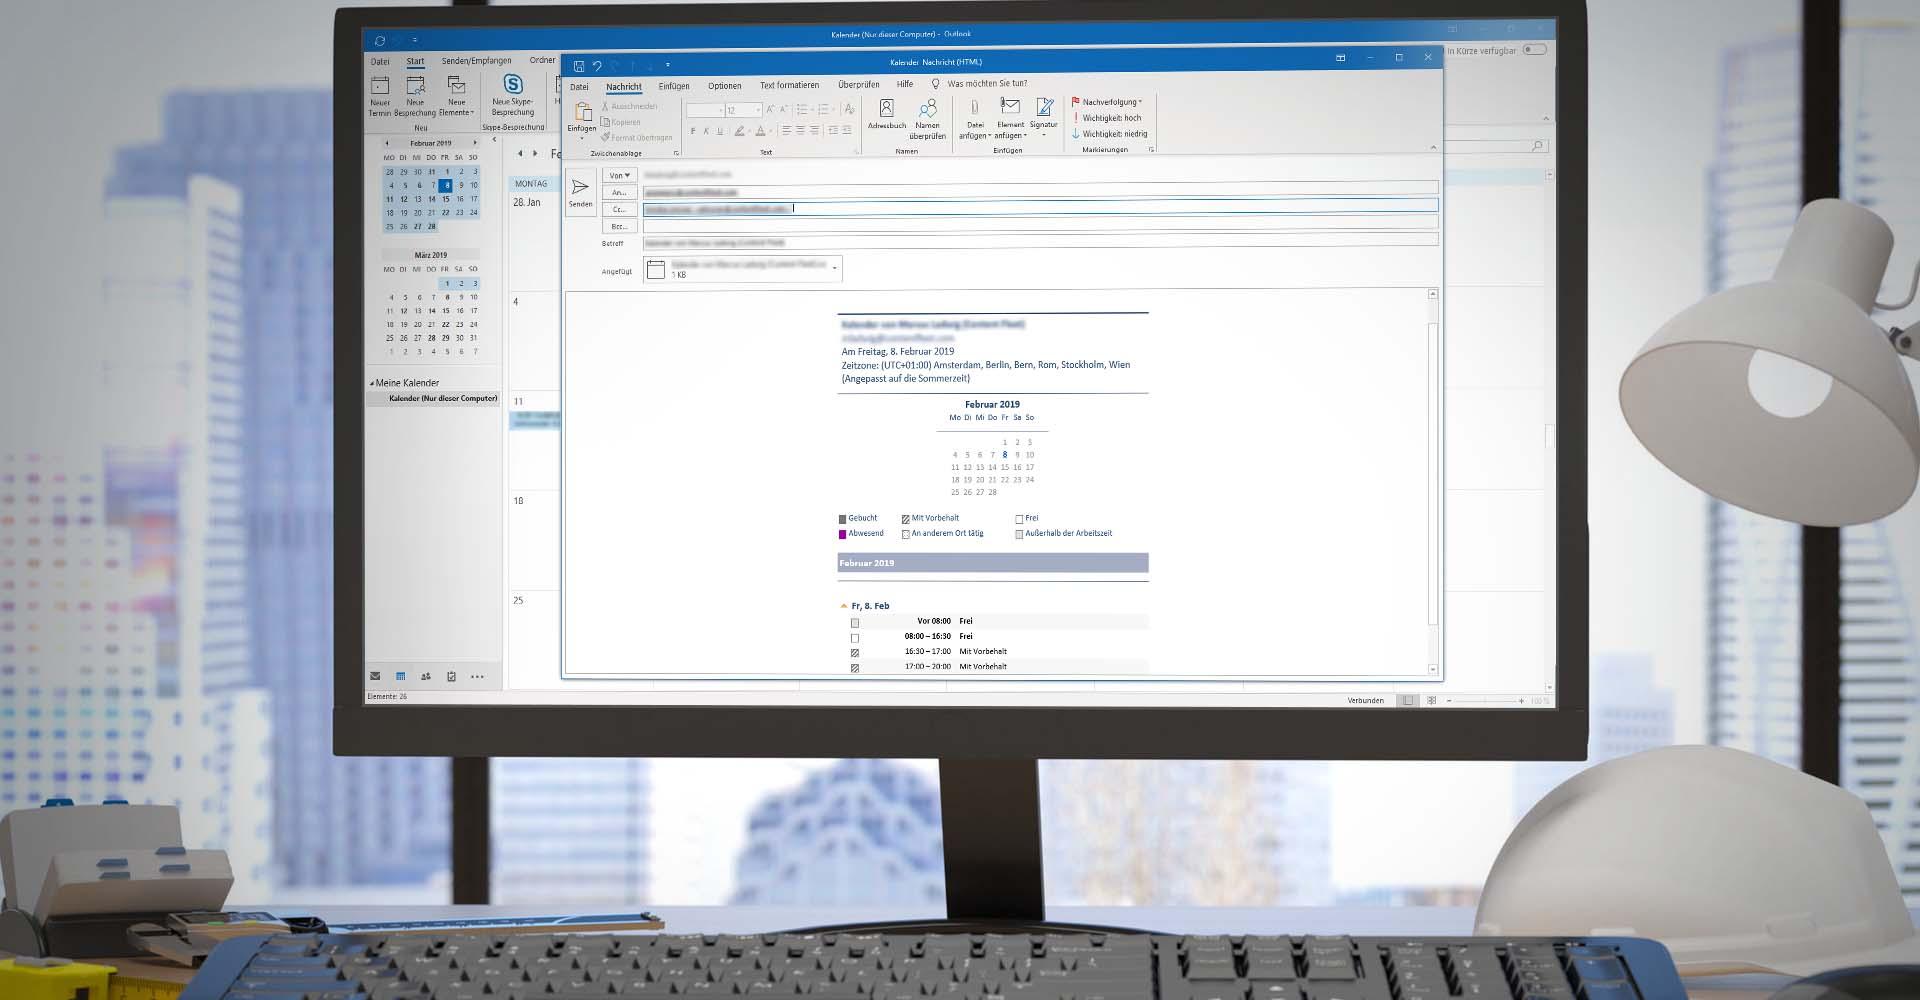 Ein Bildschirm zeigt die Kalenderfreigabe in Office 365 ohne Exchange-Anbindung